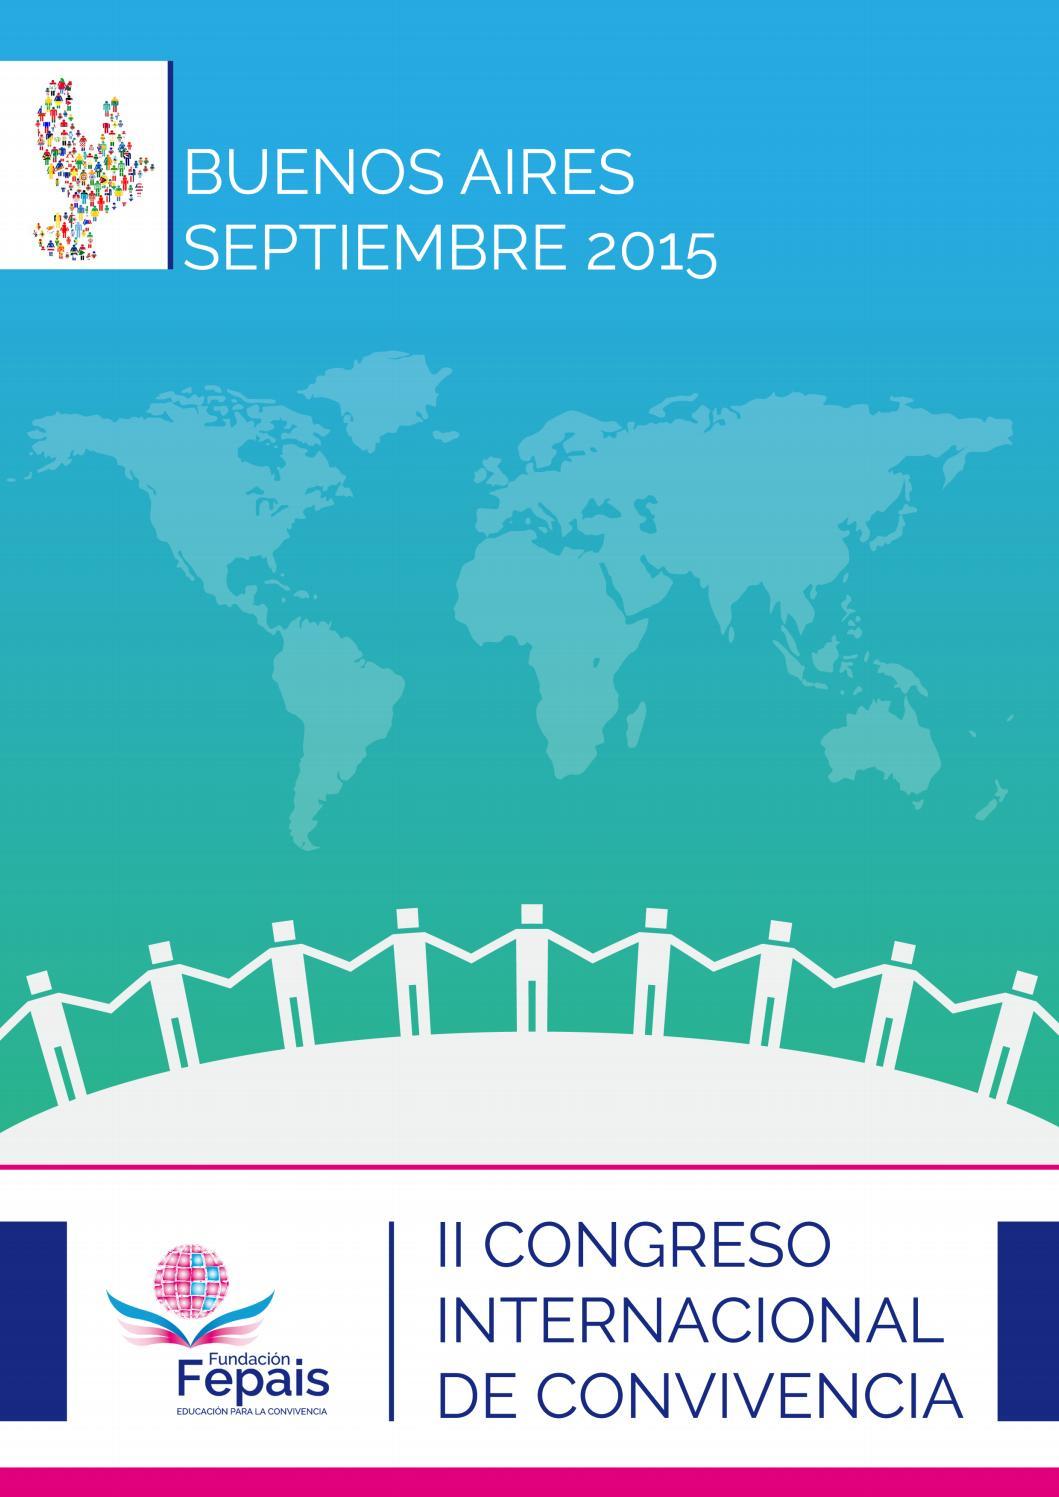 II CONGRESO INTERNACIONAL DE CONVIVENCIA by Diversidad Visual - issuu